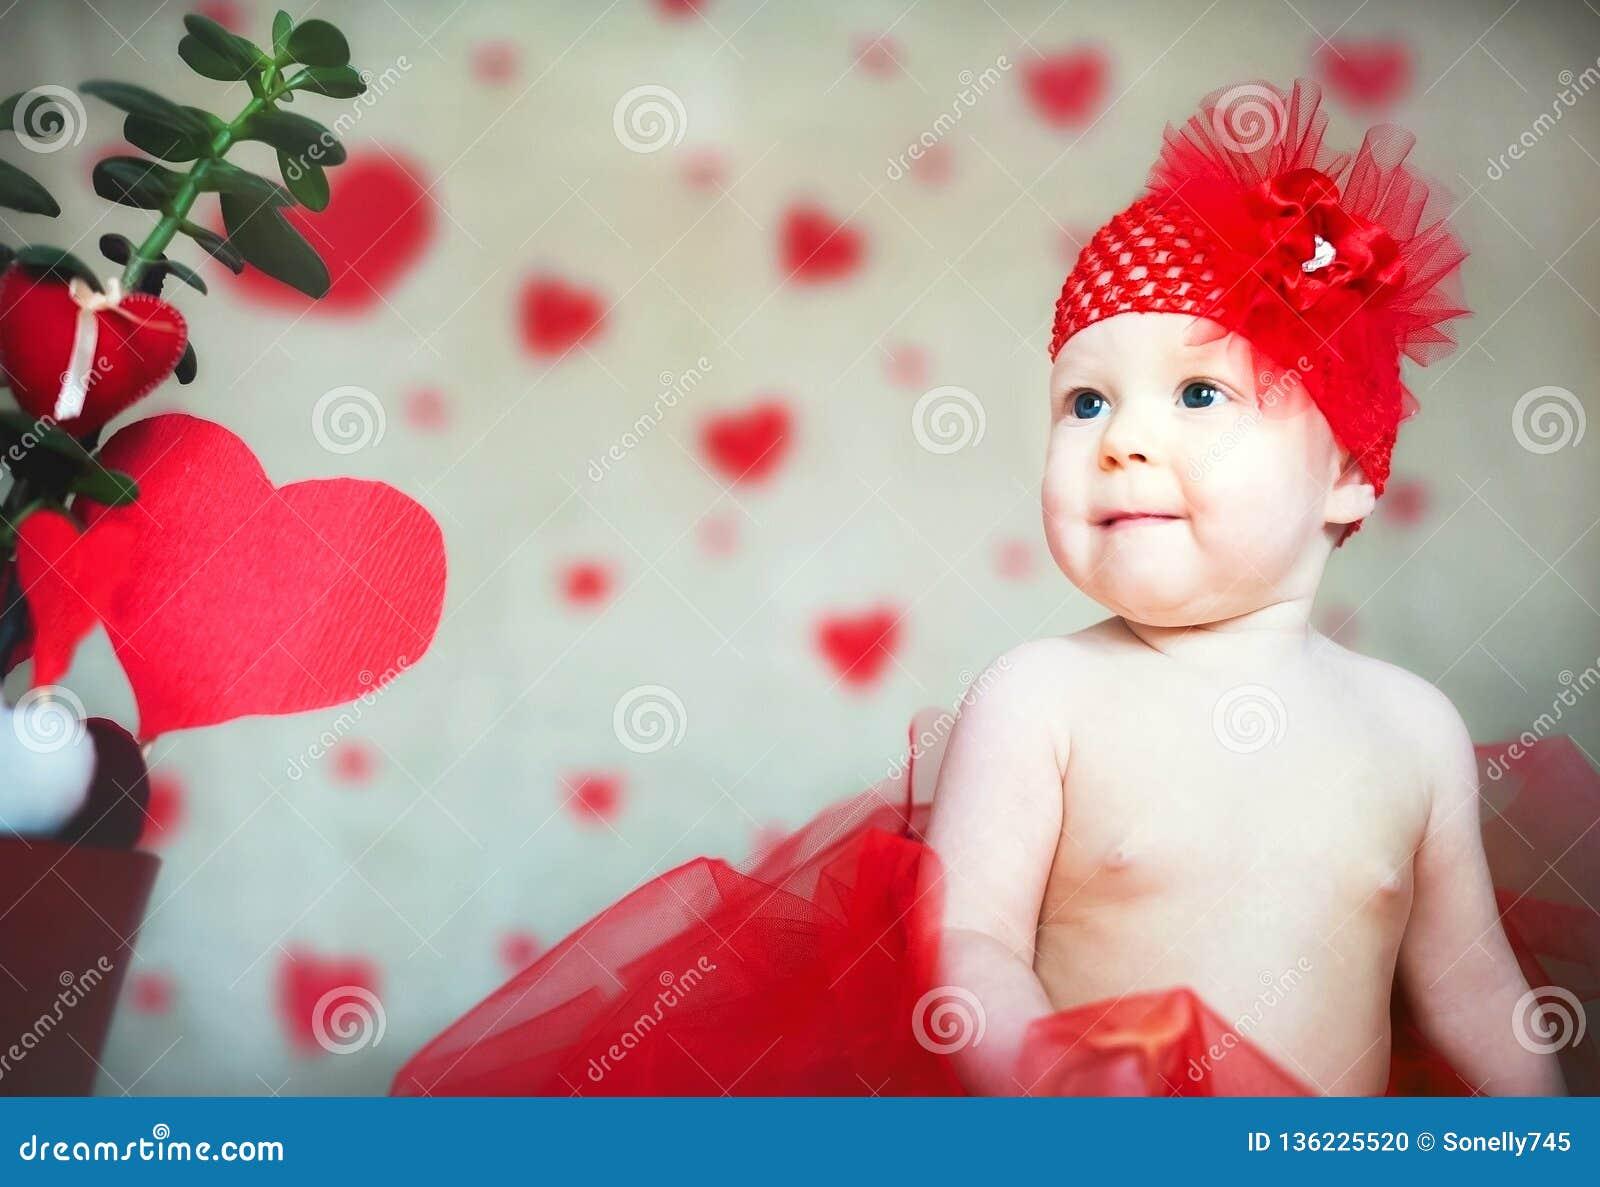 Космос экземпляра концепции дня Валентайн Немногое младенец с поцелуями от губной помады Девушка с красным Святым Валентайн сердц